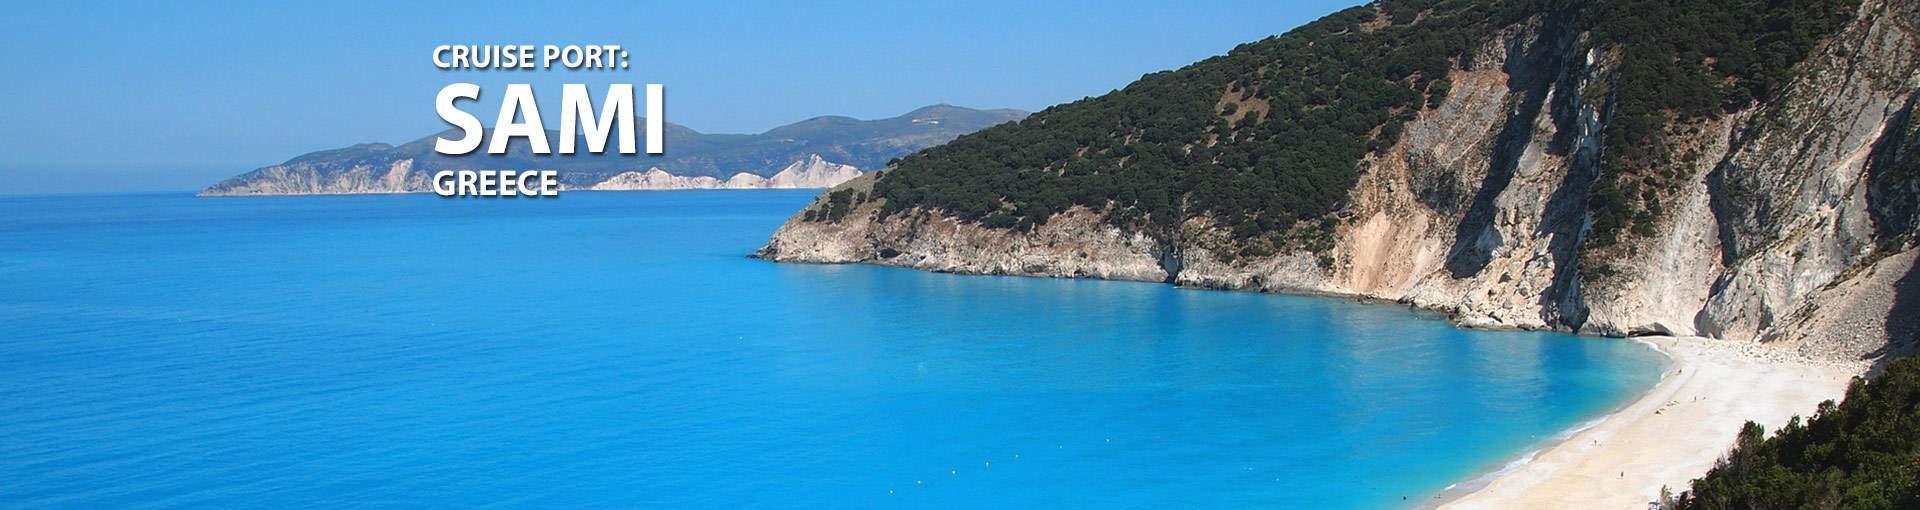 Sami, Greece Cruise Port